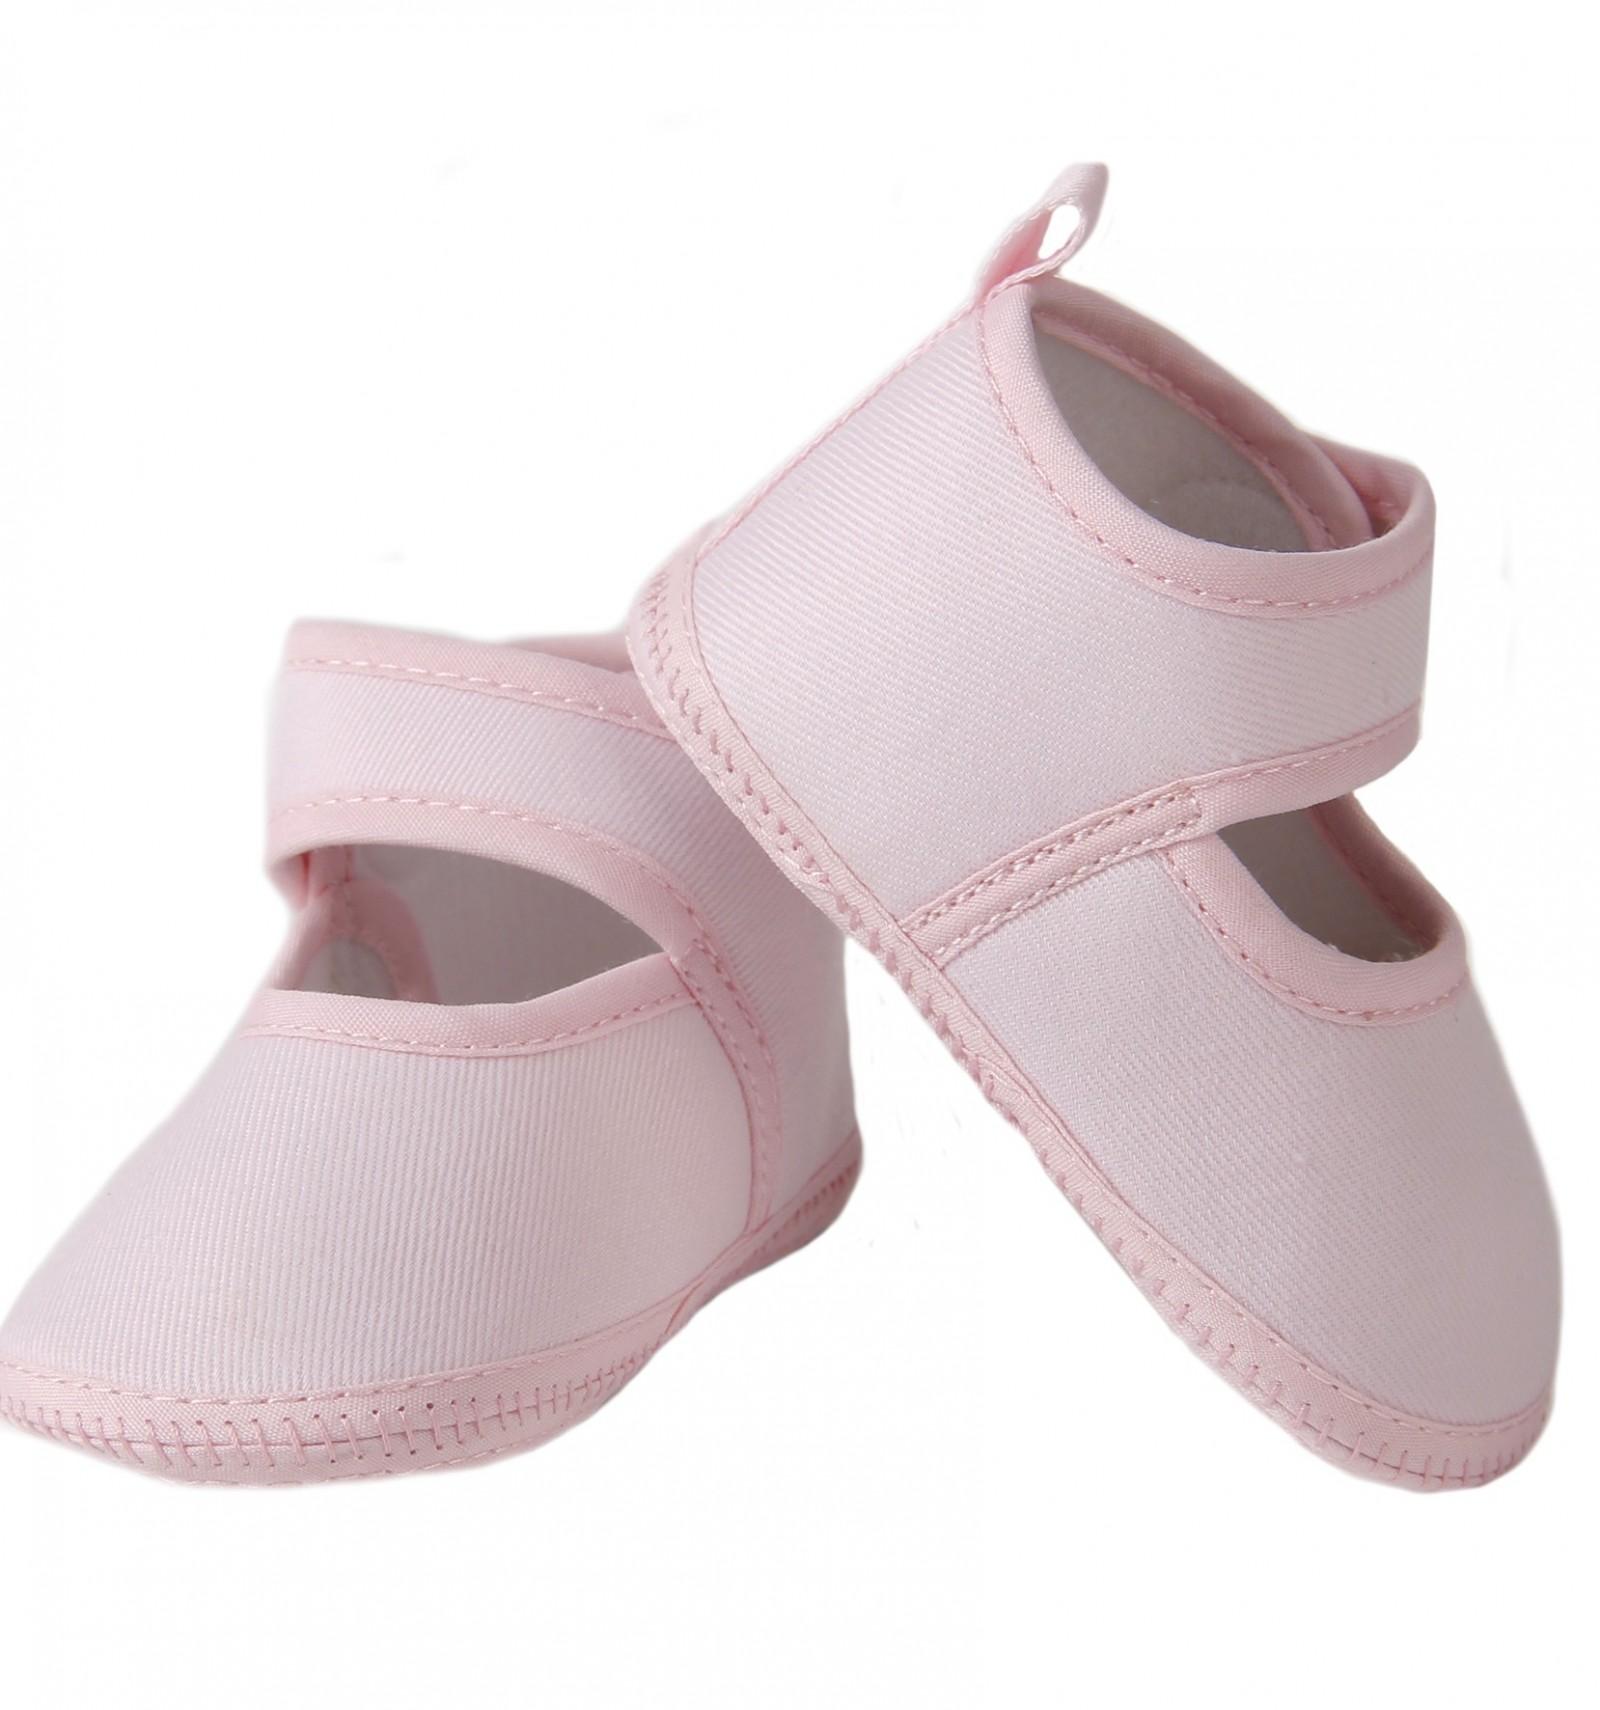 93612acc389e3 Comprar Calzado para bebé. Tienda online ropa de bebé - Peques y Bebes